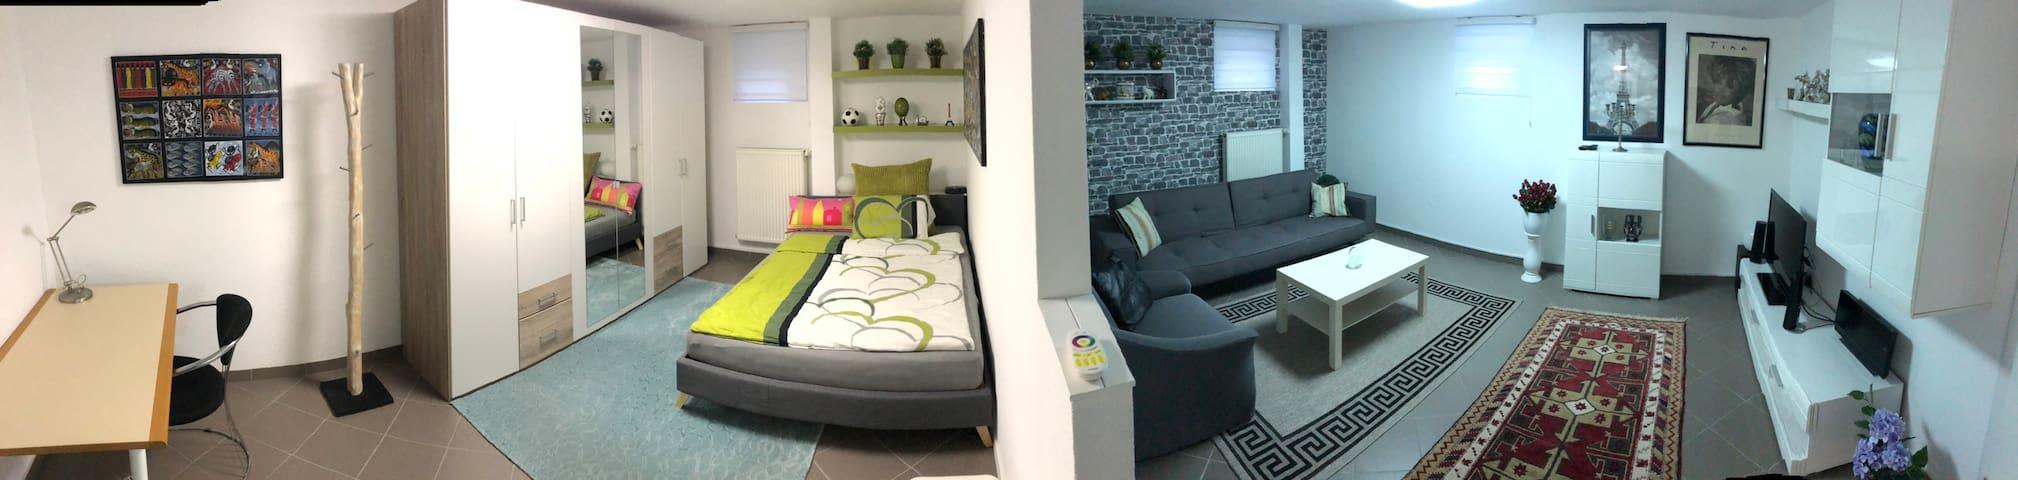 Panorama des Schlaf und Wohnbereiches